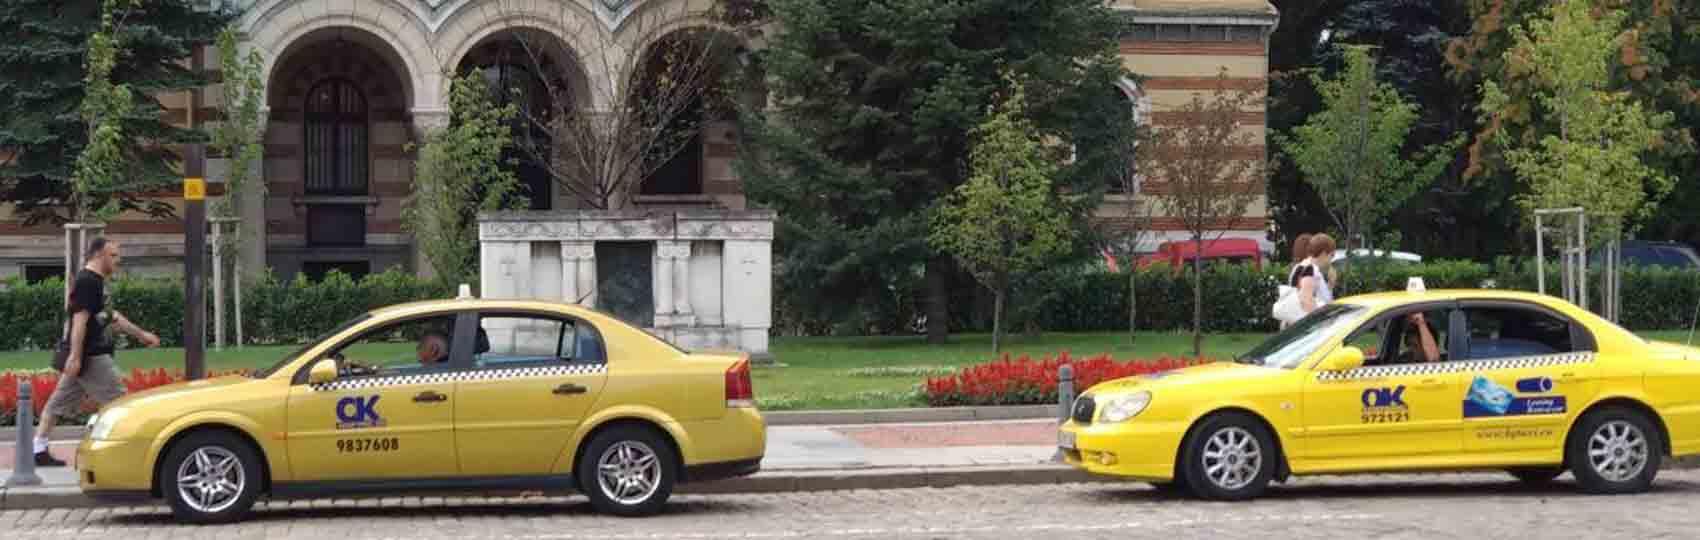 Noticias del sector del taxi y la movilidad en Bulgaria. Mantente informado de todas las noticias del taxi de Bulgaria en el grupo de Facebook de Todo Taxi.